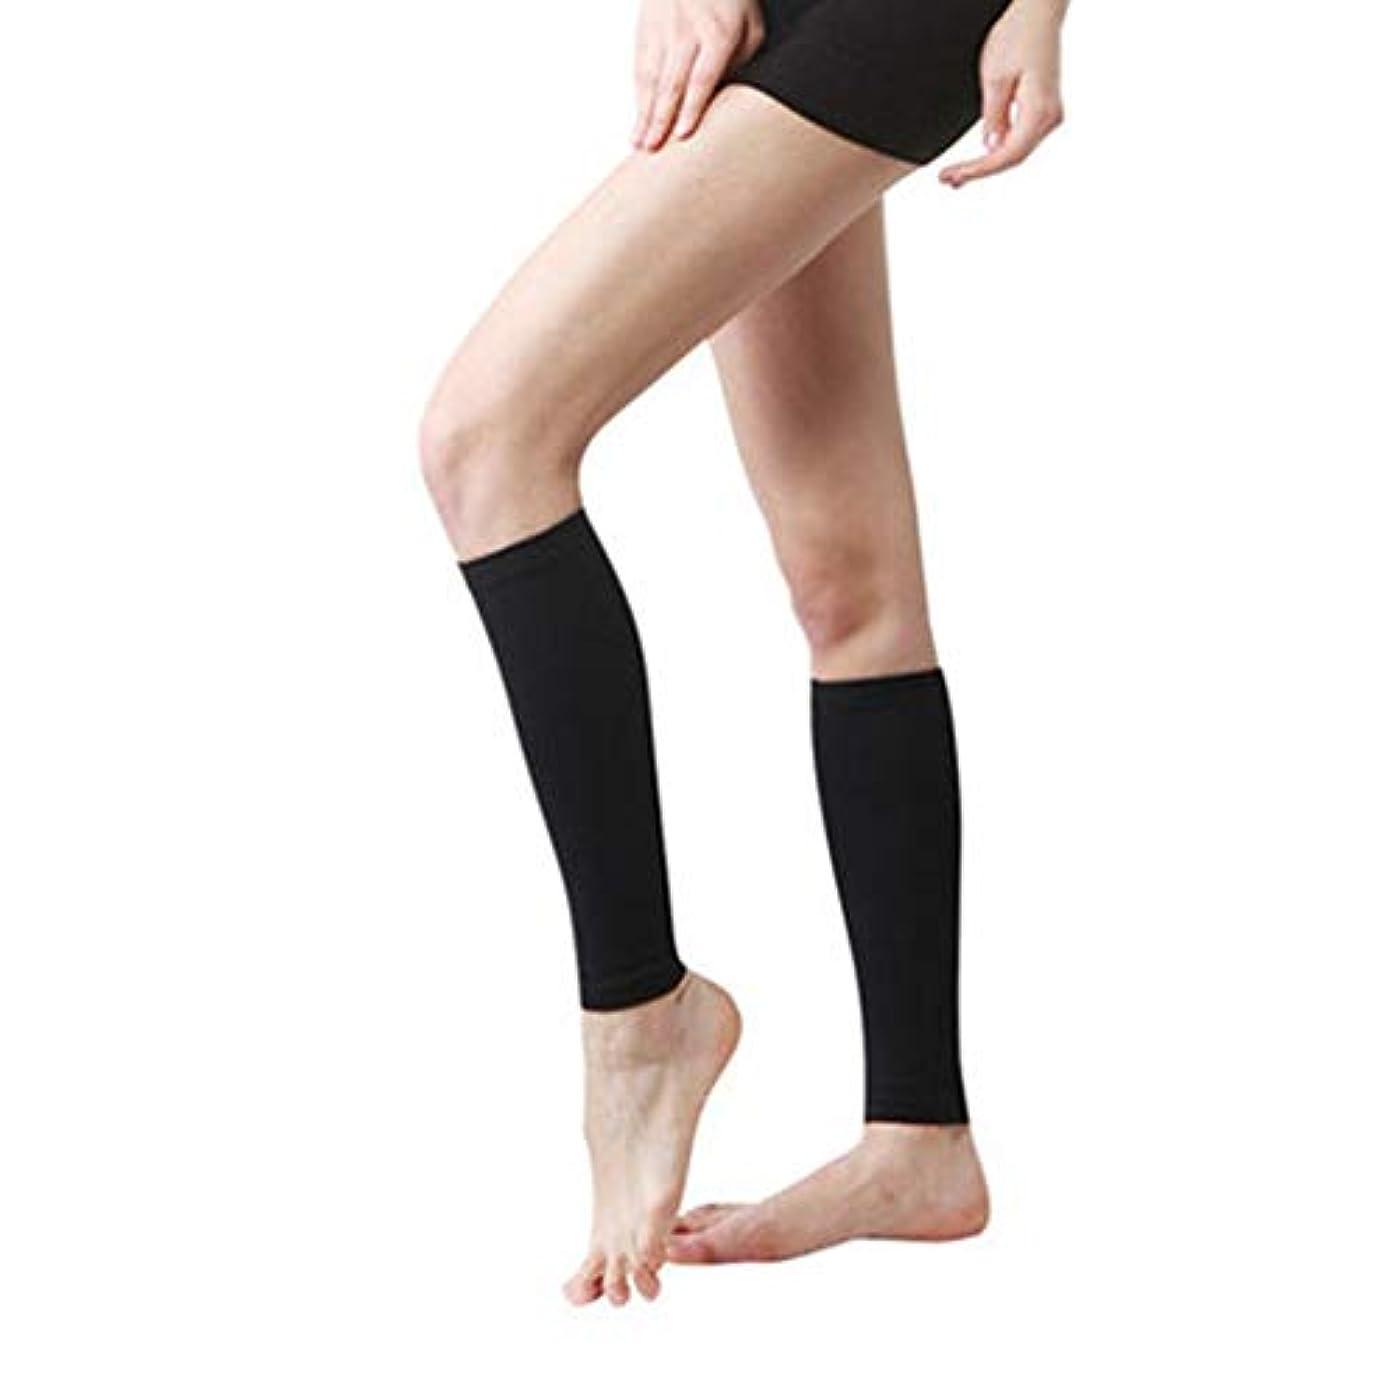 ファッション艦隊生物学丈夫な男性女性プロの圧縮靴下通気性のある旅行活動看護師用シンススプリントフライトトラベル - ブラック